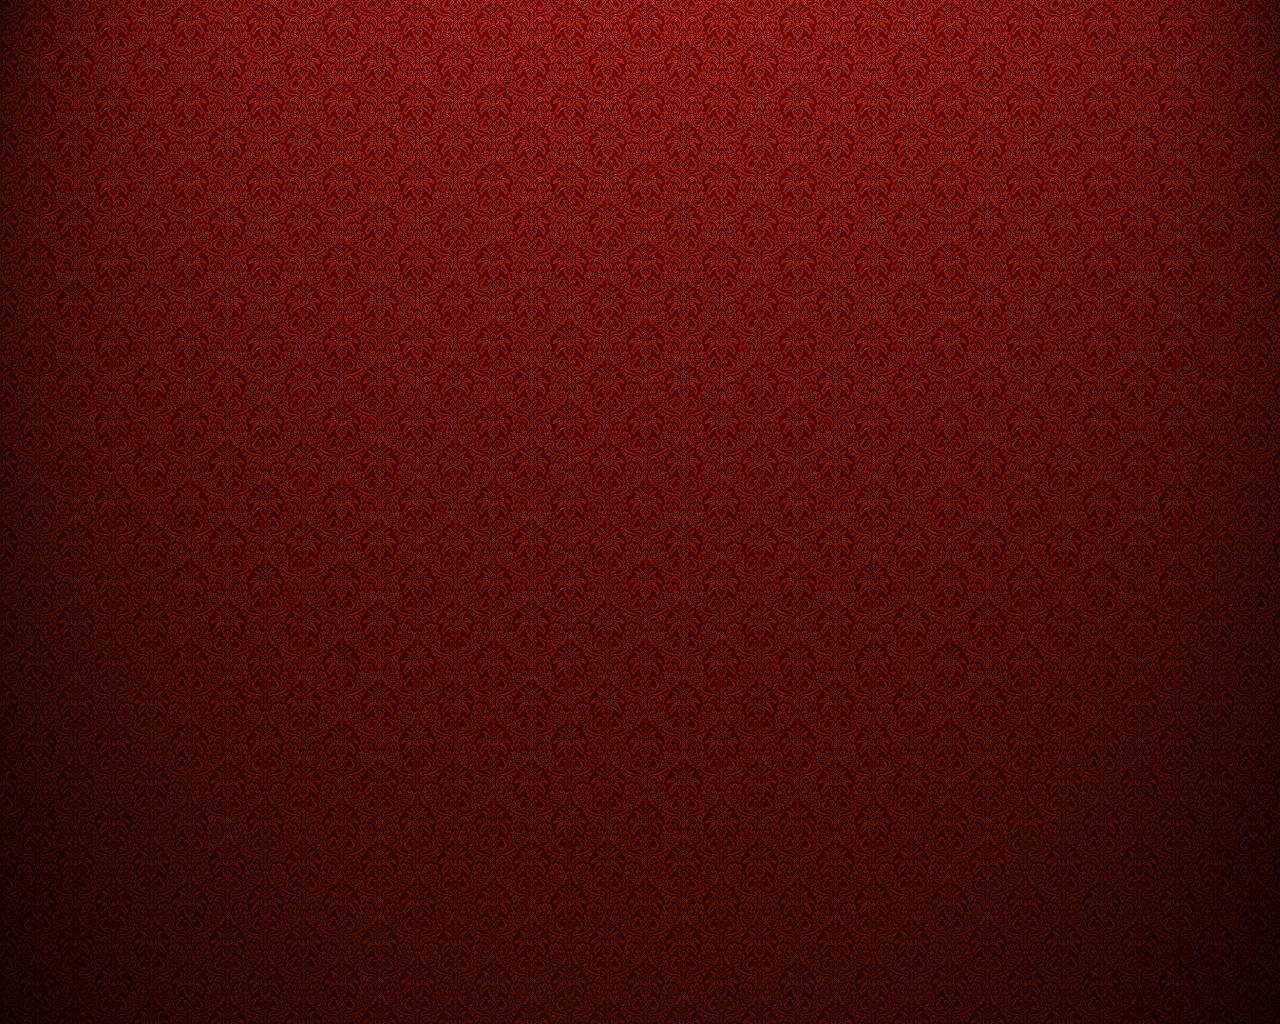 Темно красный цвет фото 5